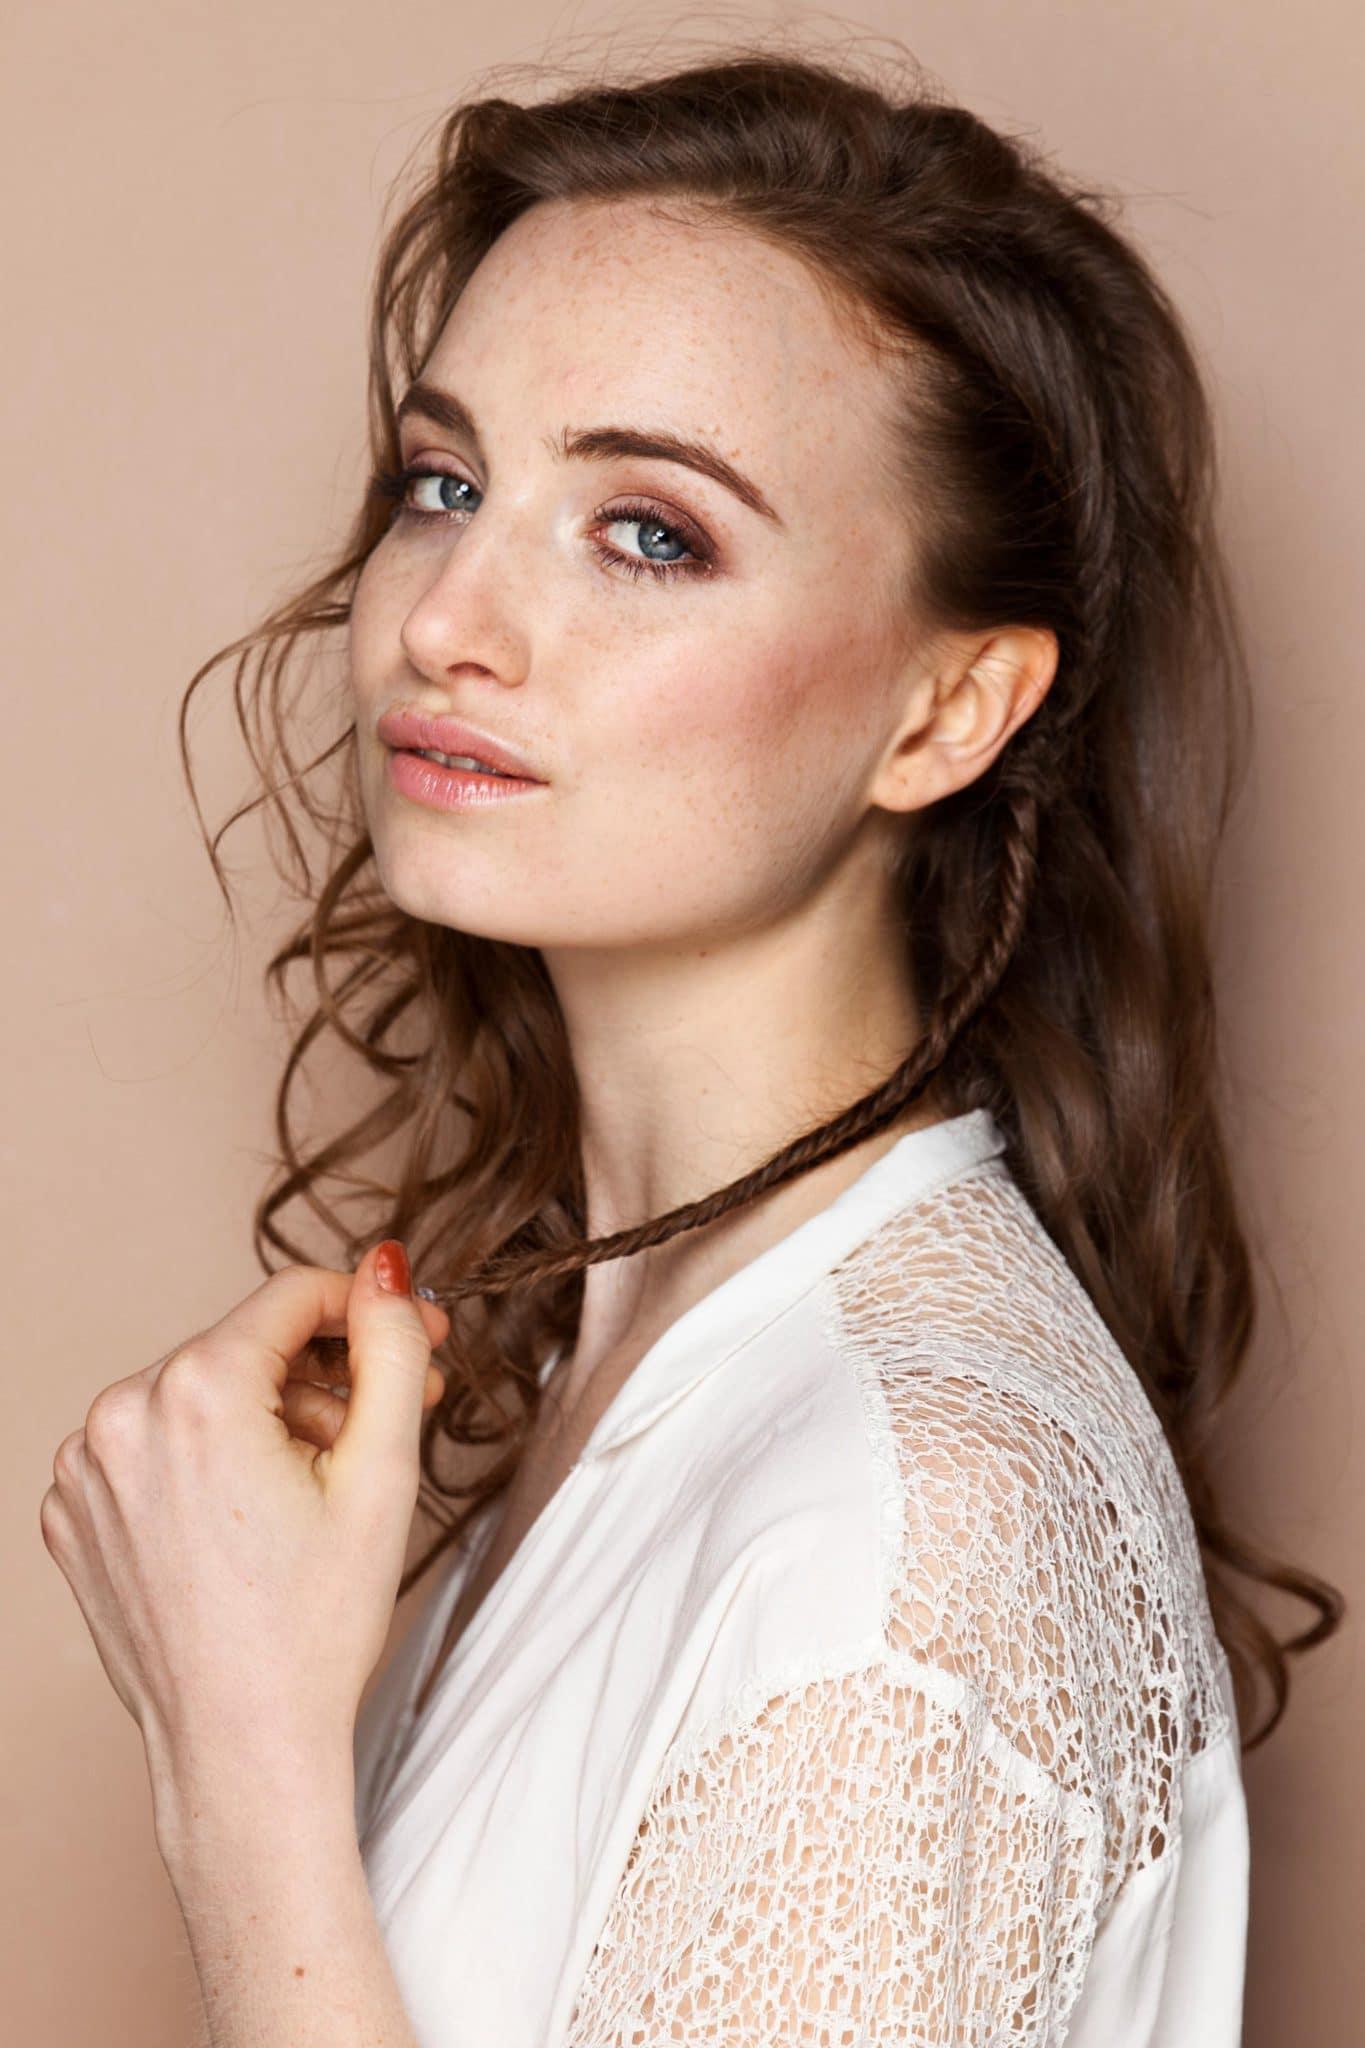 Clinique, makeup artist, beauty